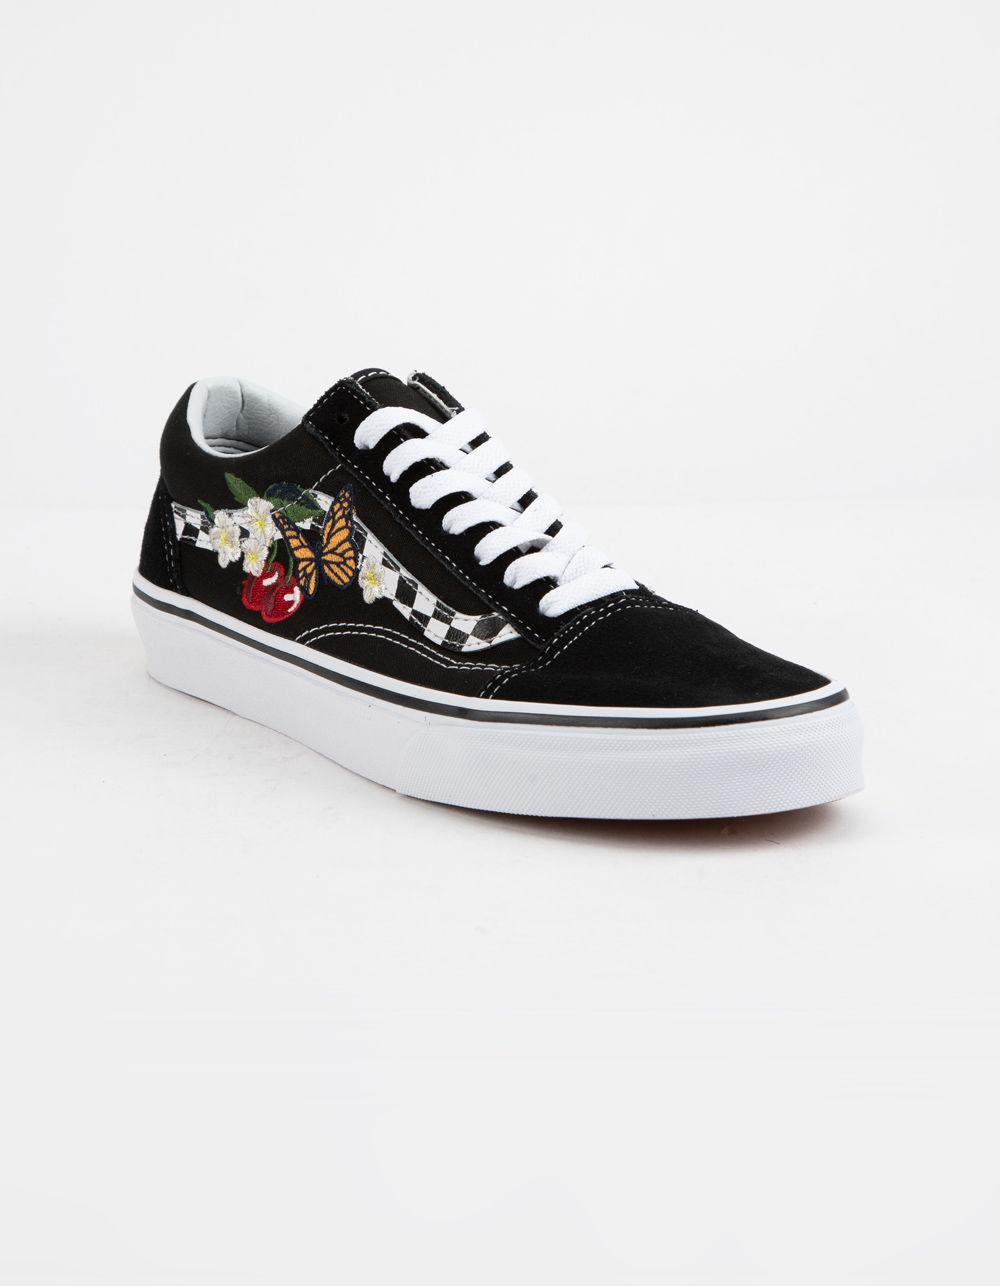 9c4486438093 Lyst - Vans Checker Floral Old Skool Womens Shoes in Black